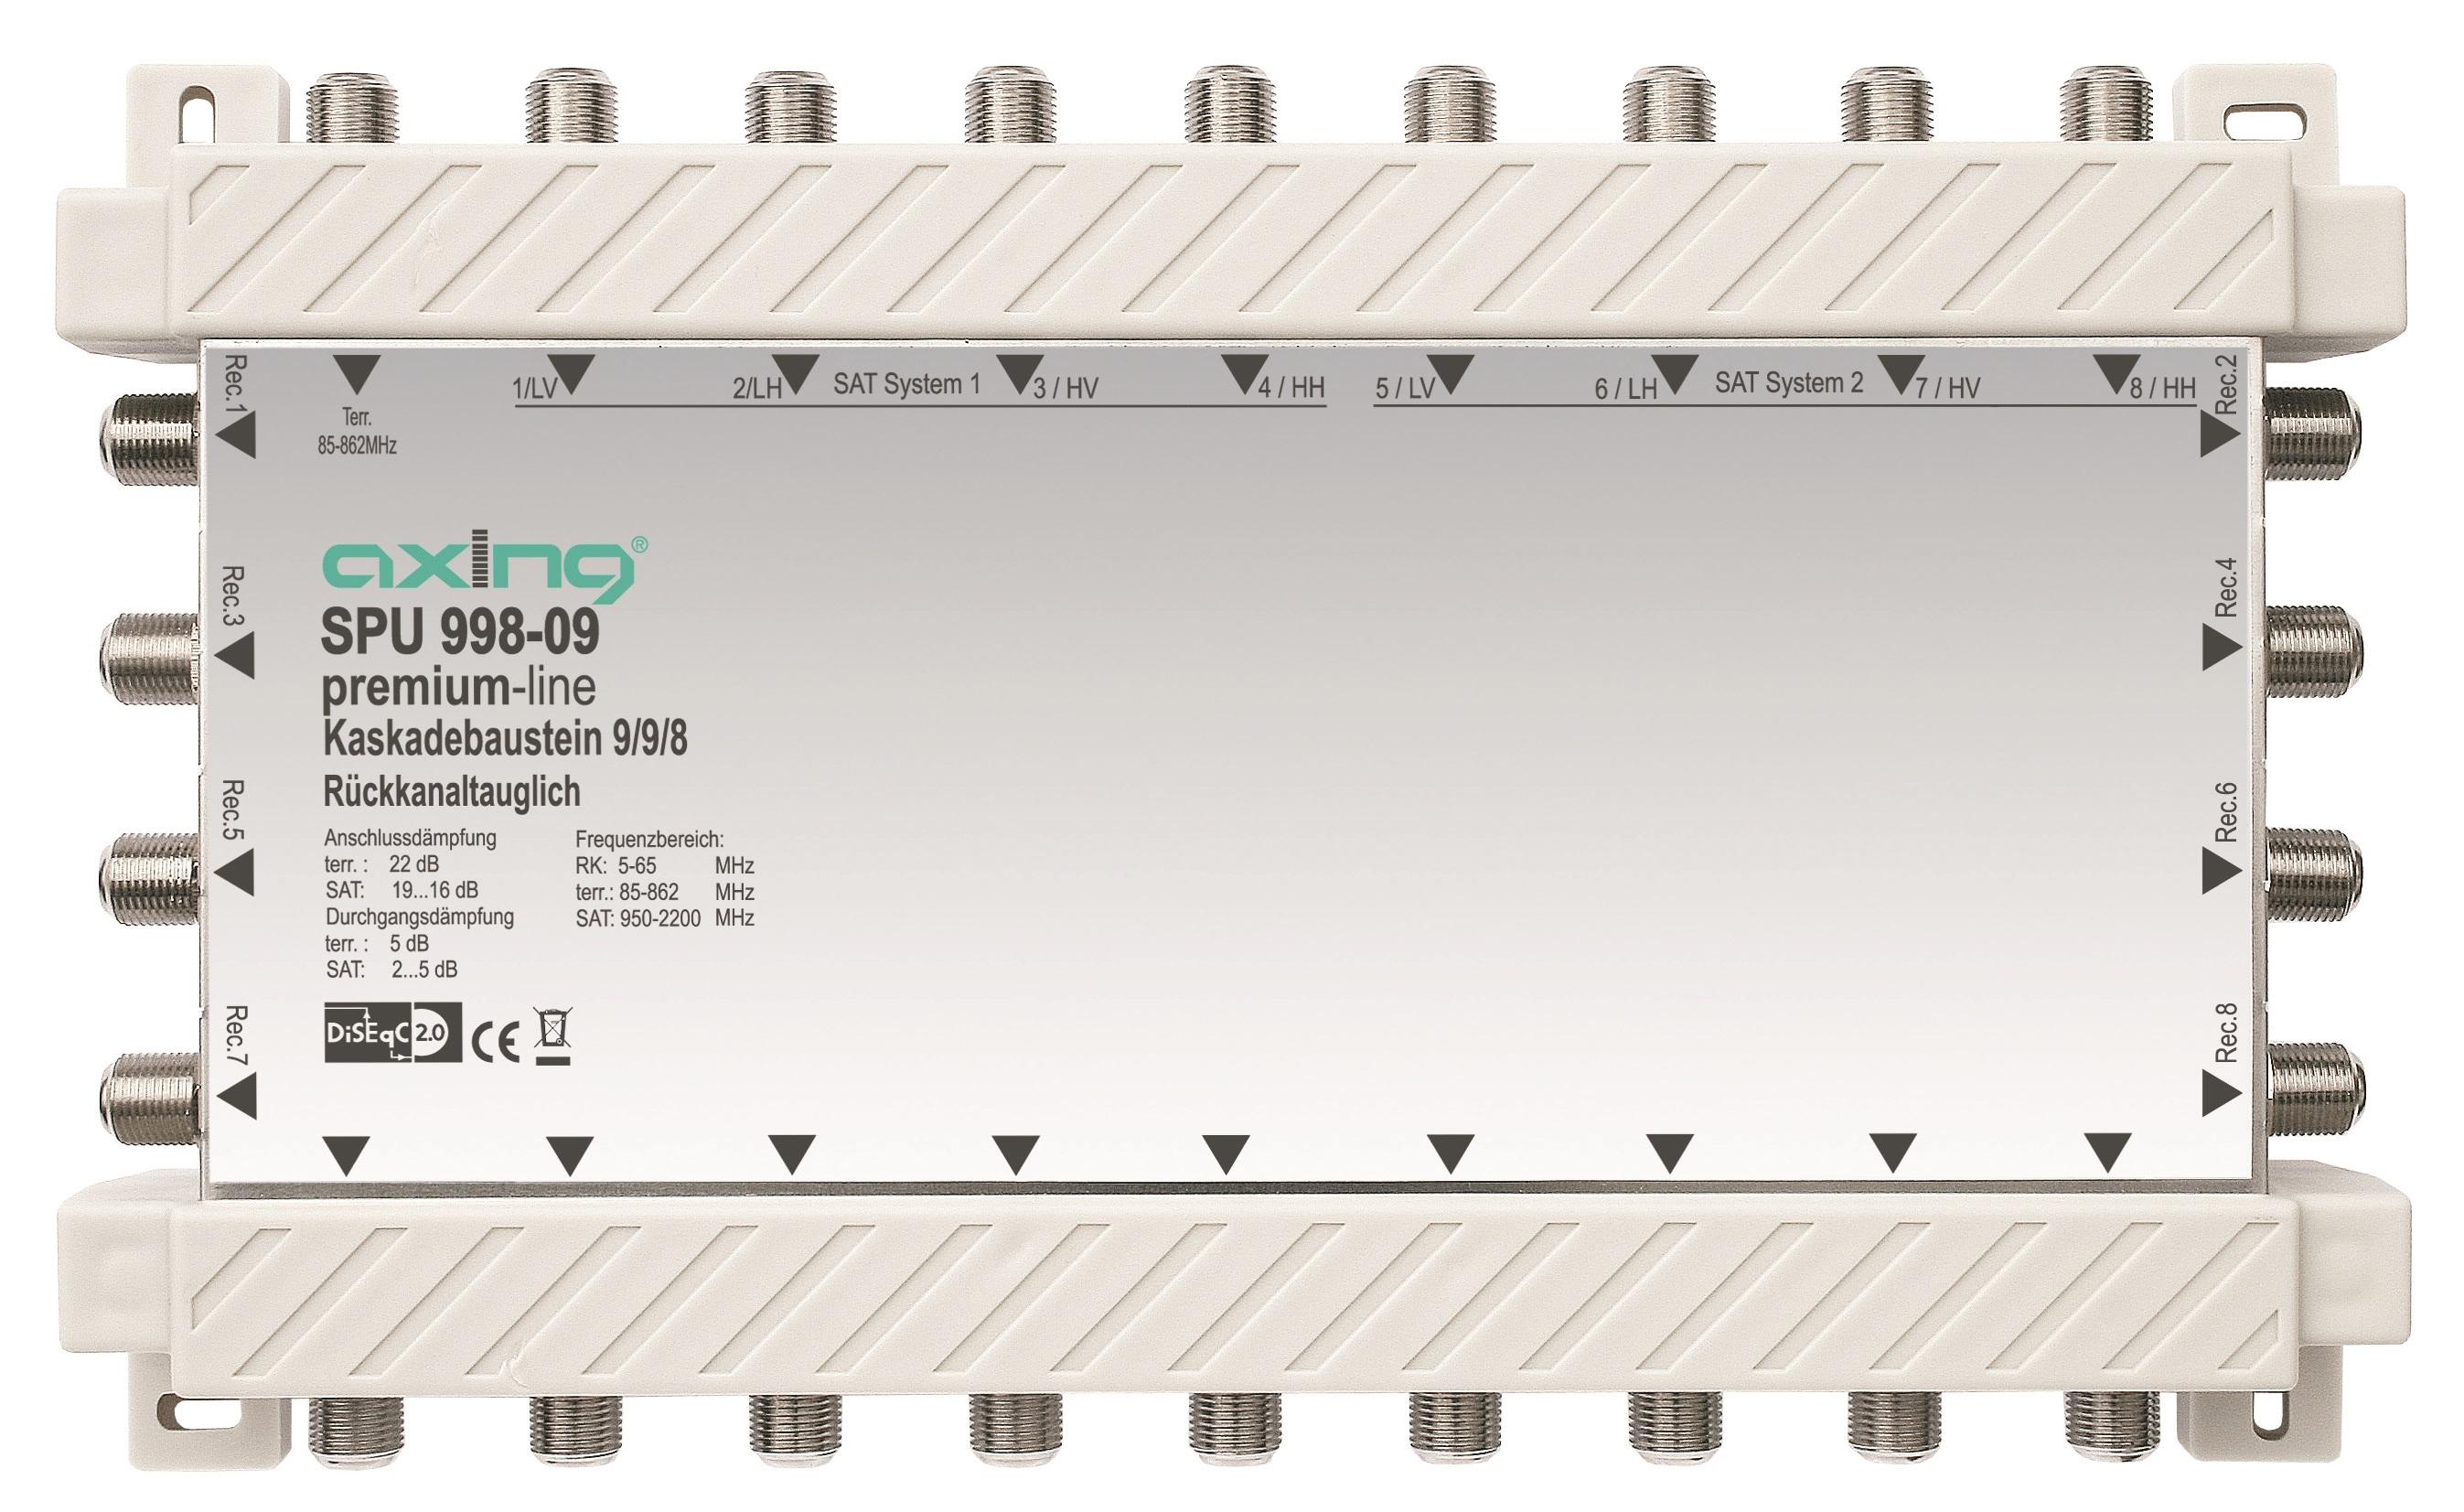 1 Stk SAT Kaskadierbaustein 9 in 8 passiv f. HSATS9xxKA,SPU 998-09 HSATSK908A